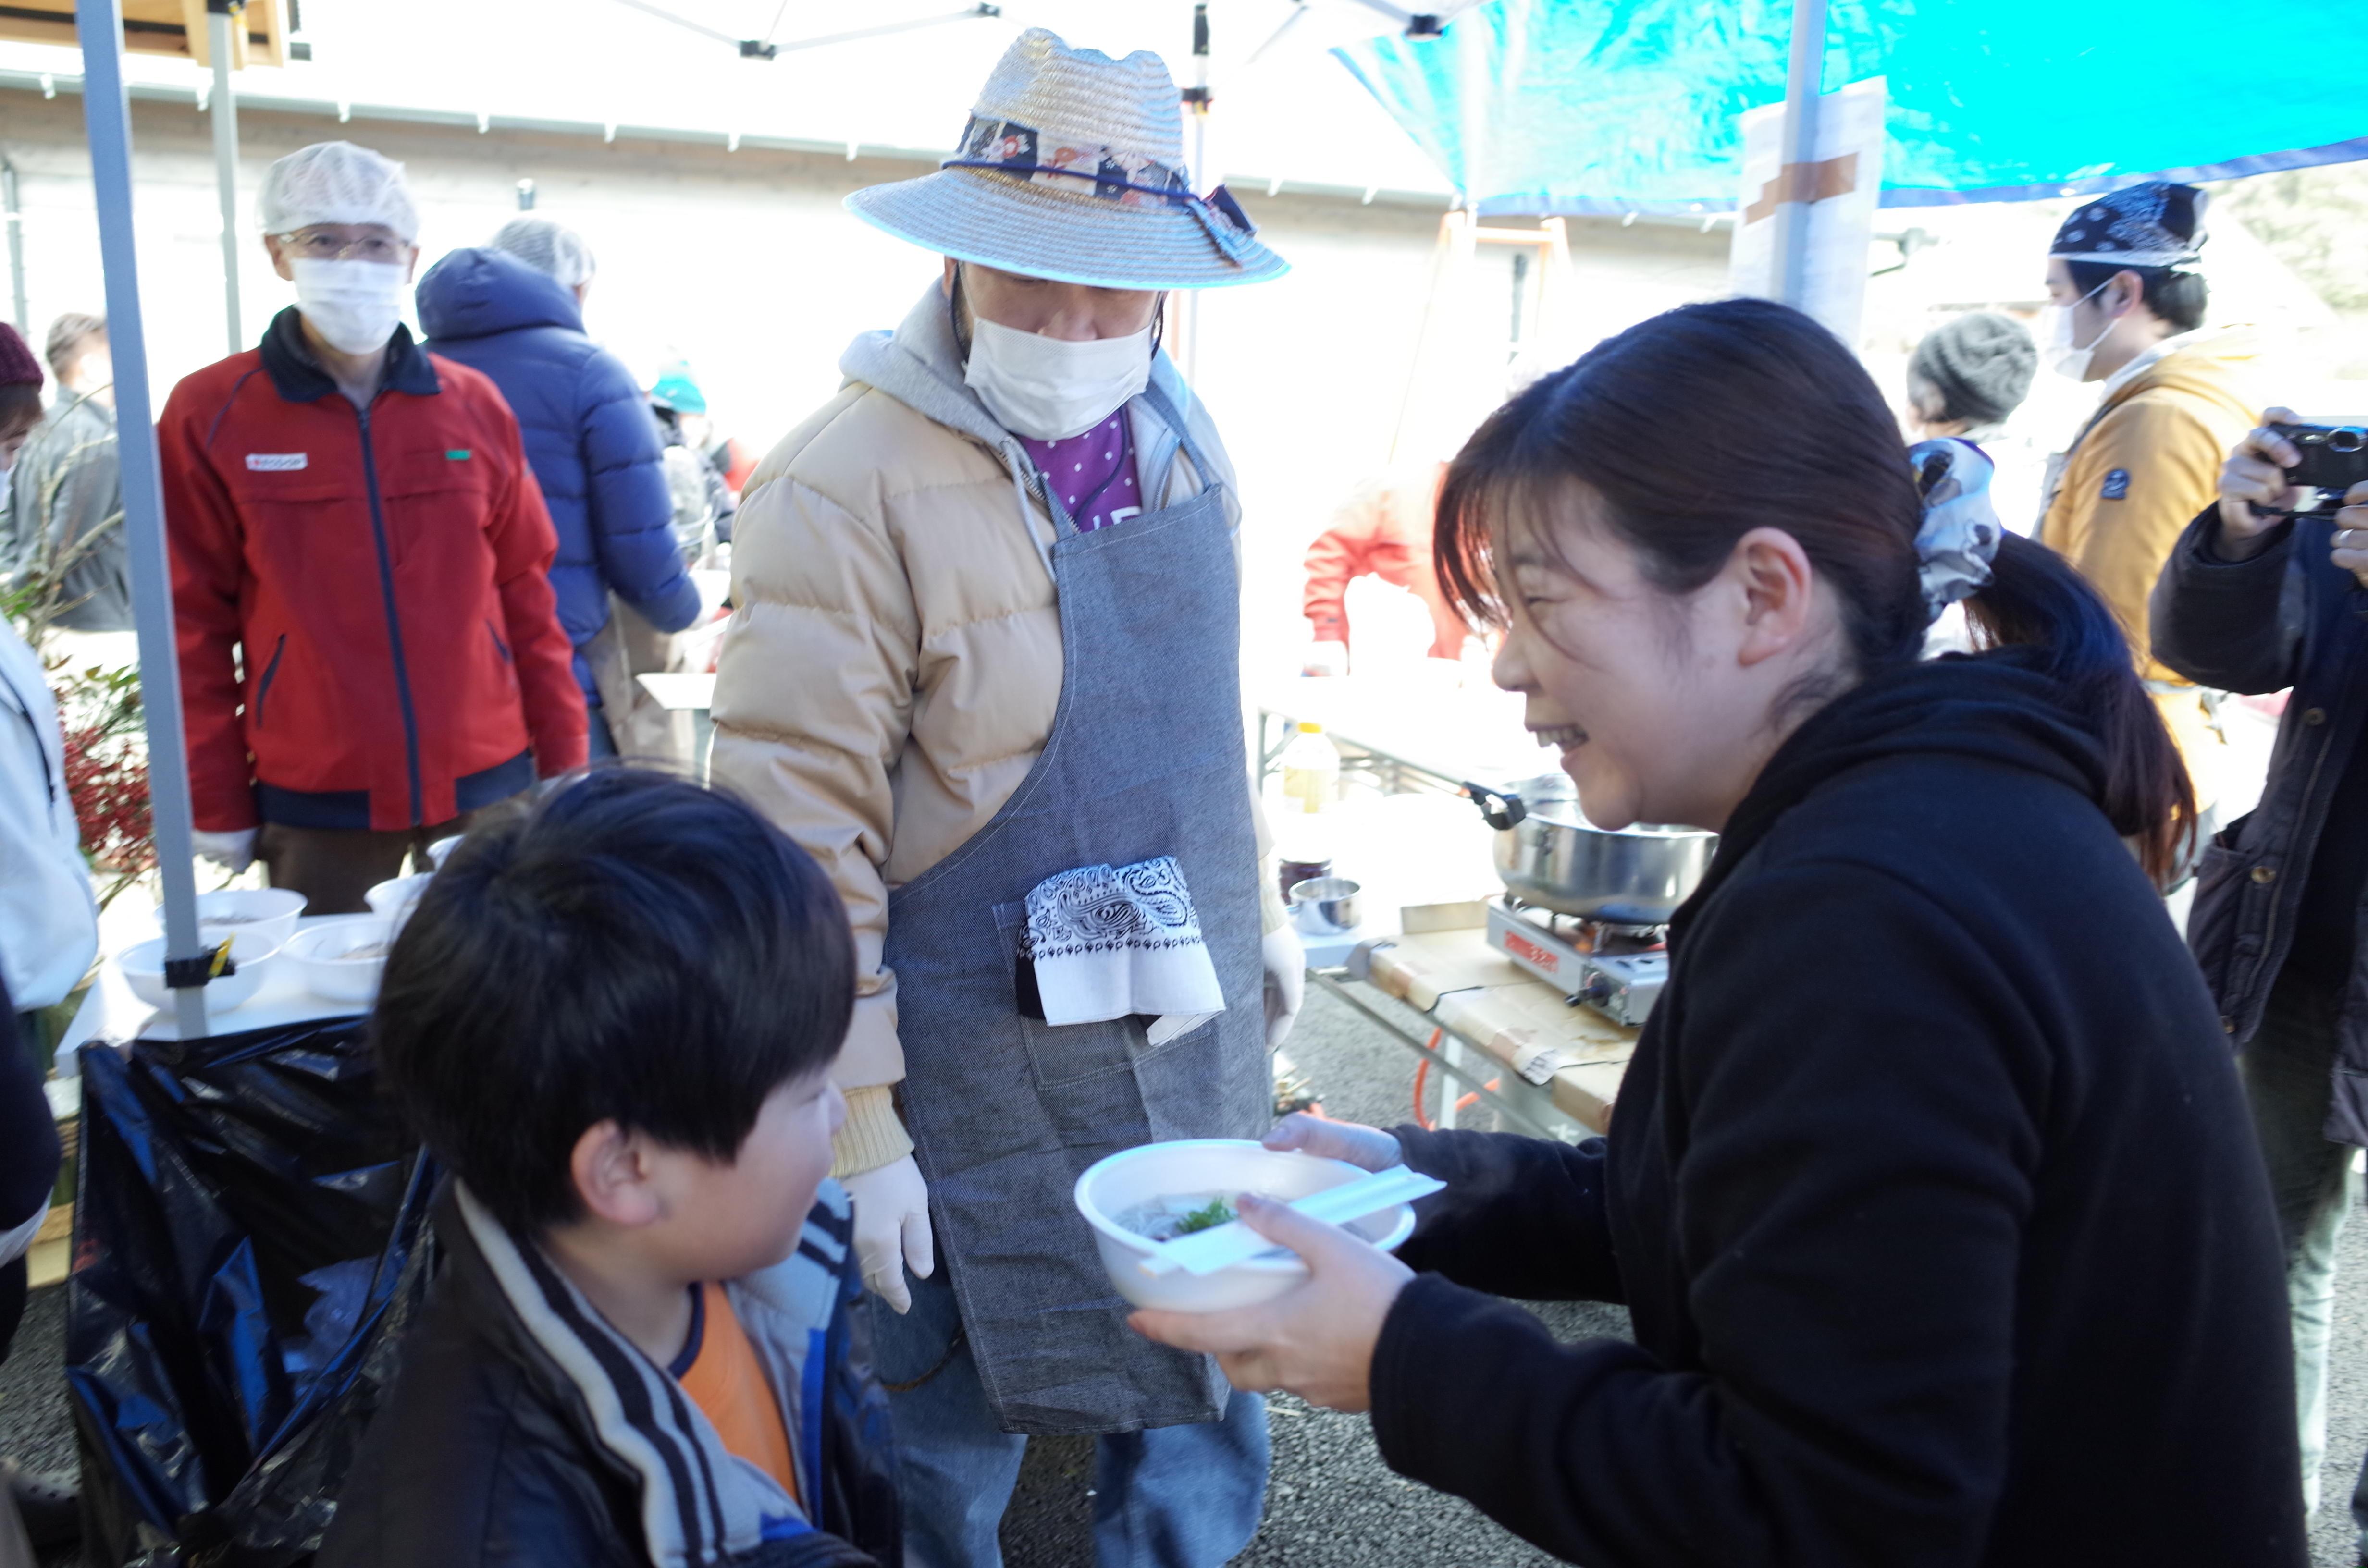 http://news.yoshimoto.co.jp/20180105125123-78ad2e7ea6263306f91d301c771da7f95738eca7.jpg